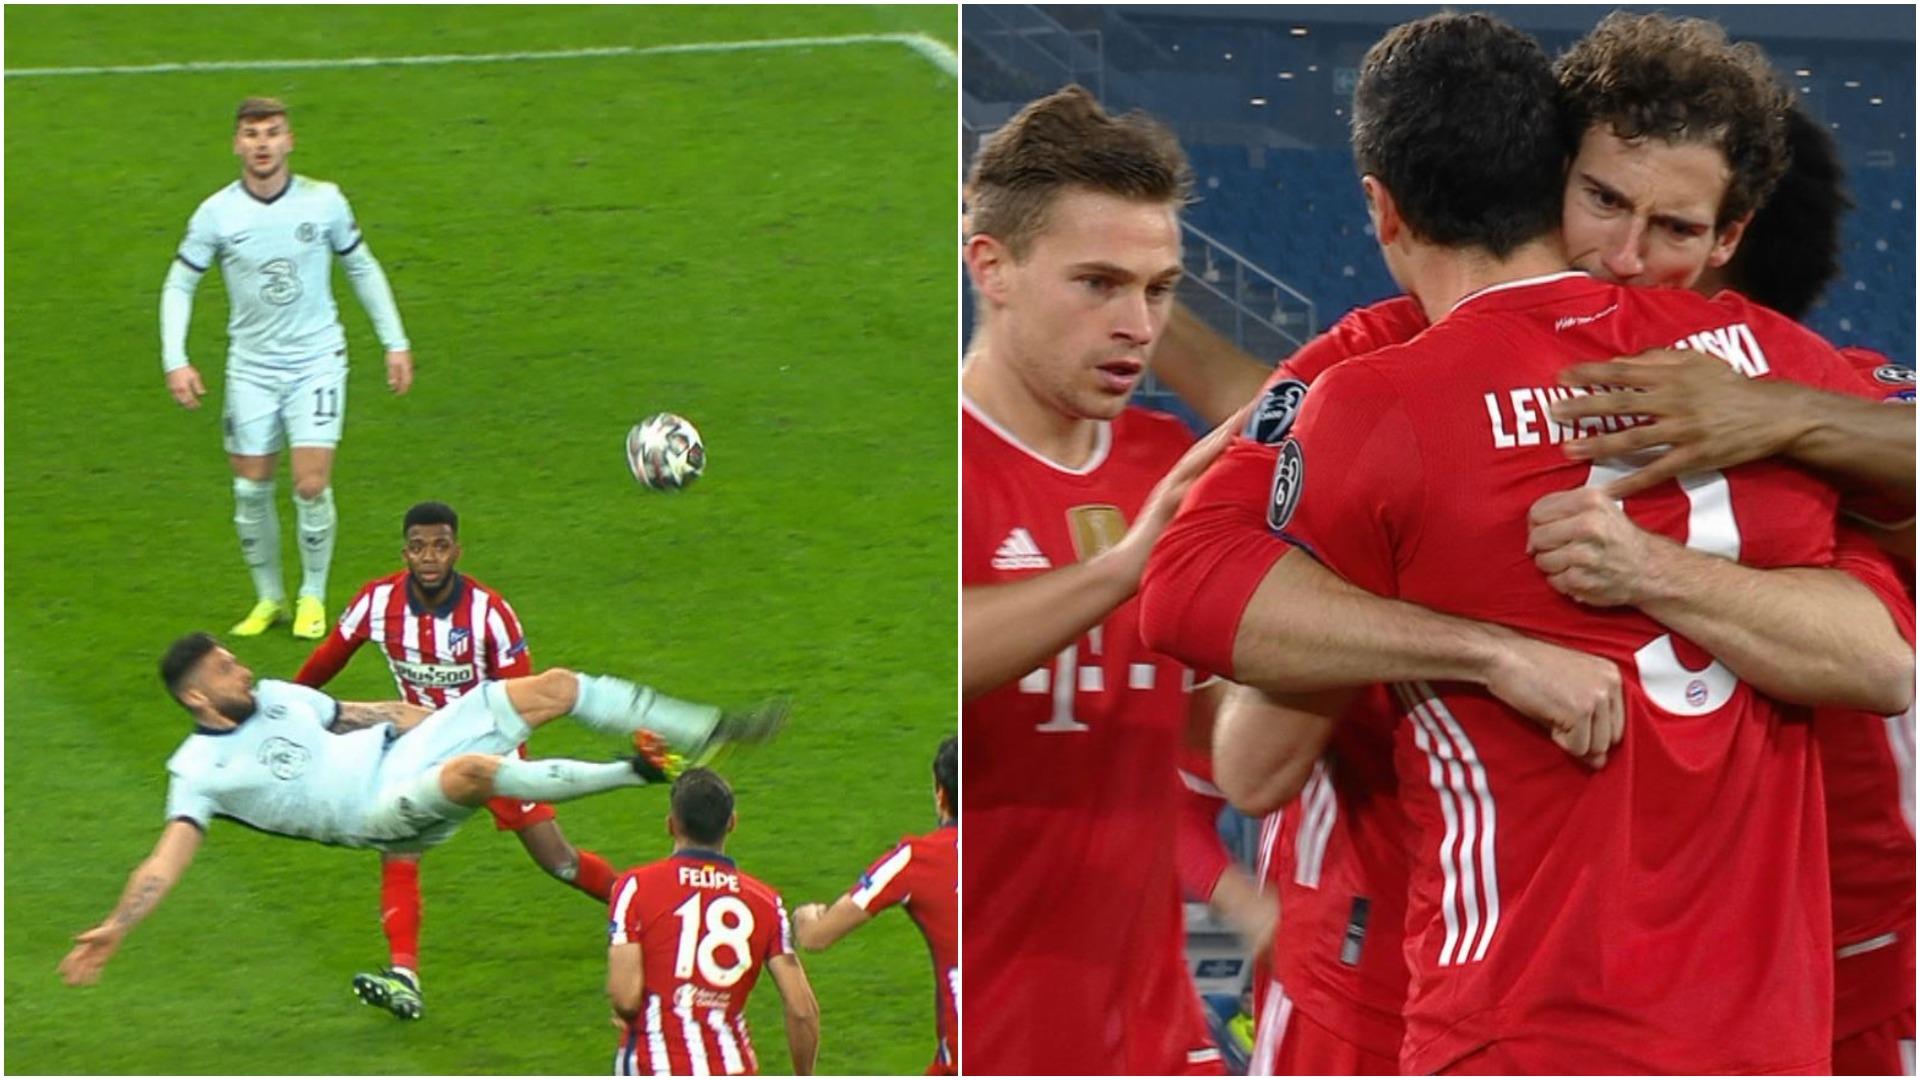 UCL, optimi | Atletico - Chelsea 0-1, pe Arena Națională, după foarfeca lui Giroud şi Lazio - Bayern 1-4. Bavarezii, spectacol total